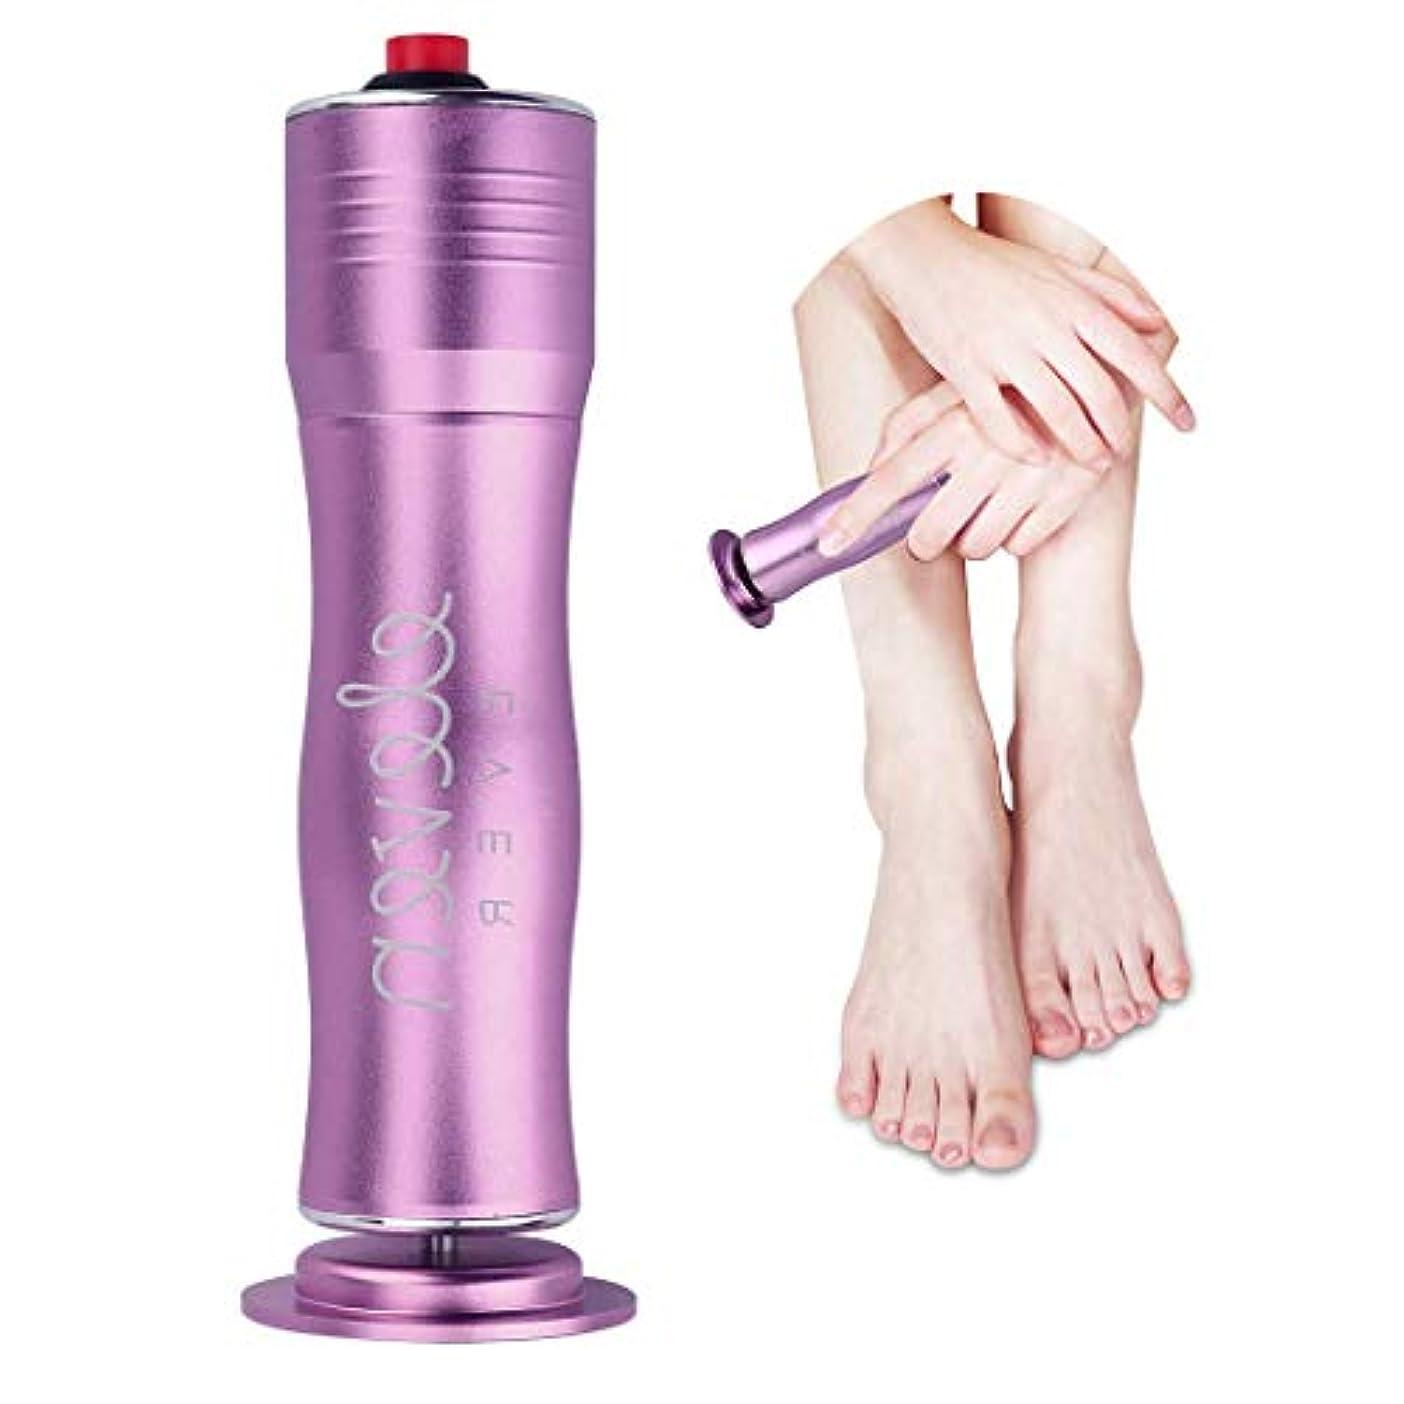 プロジェクター容量勘違いする電動角質リムーバー 角質取り スピーディに足の角質を除去可能 速度調節可能 清潔的 衛生的な足部ケア道具 磨足器 ペディキュアマシン 使い捨てのサンドペーパー付き 男女兼用